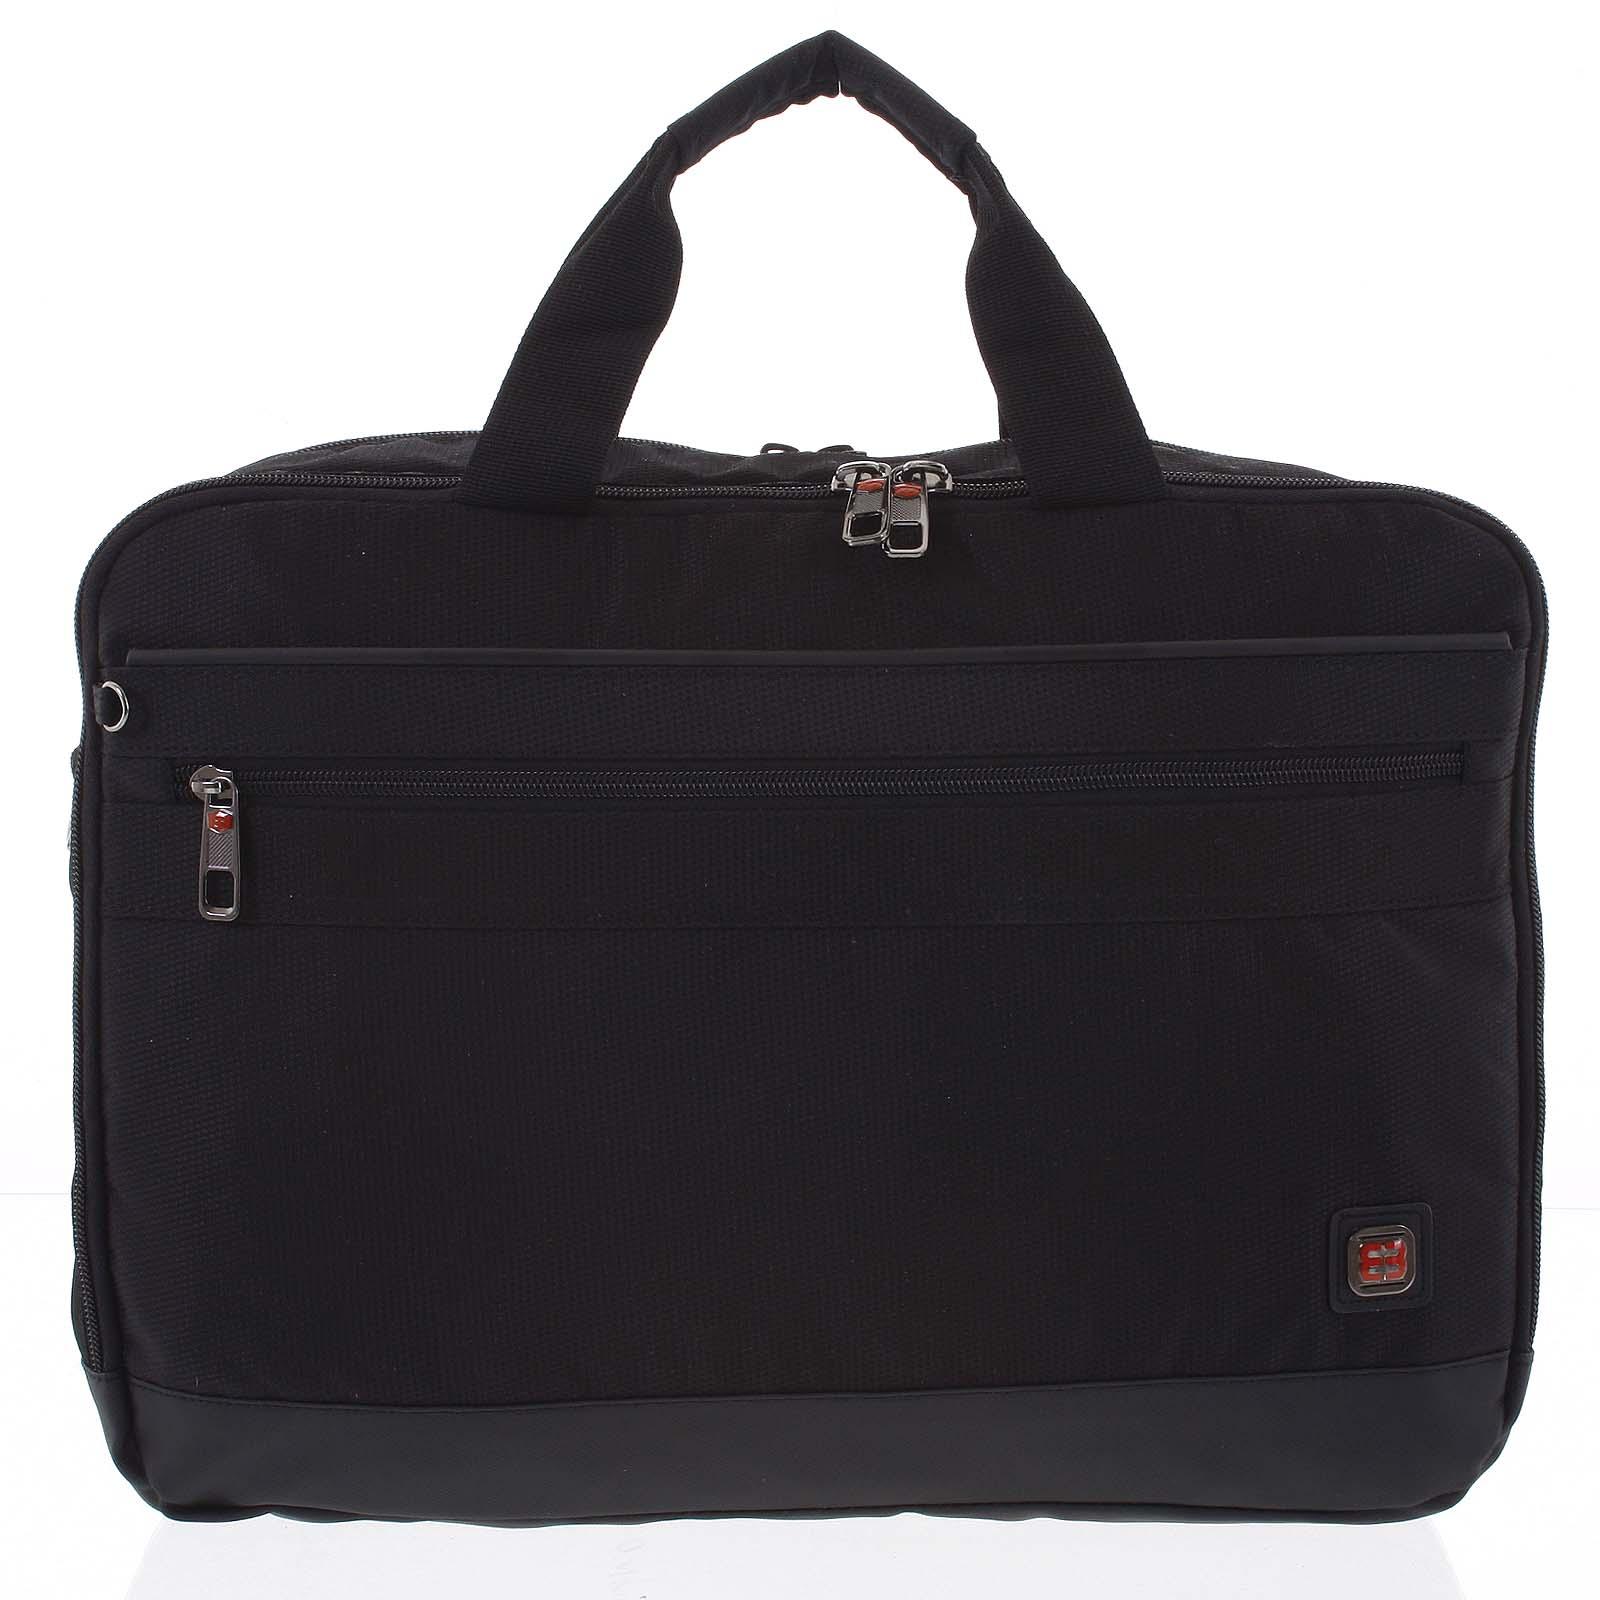 Čierna taška na notebook - Enrico Benetti Sarwar čierna